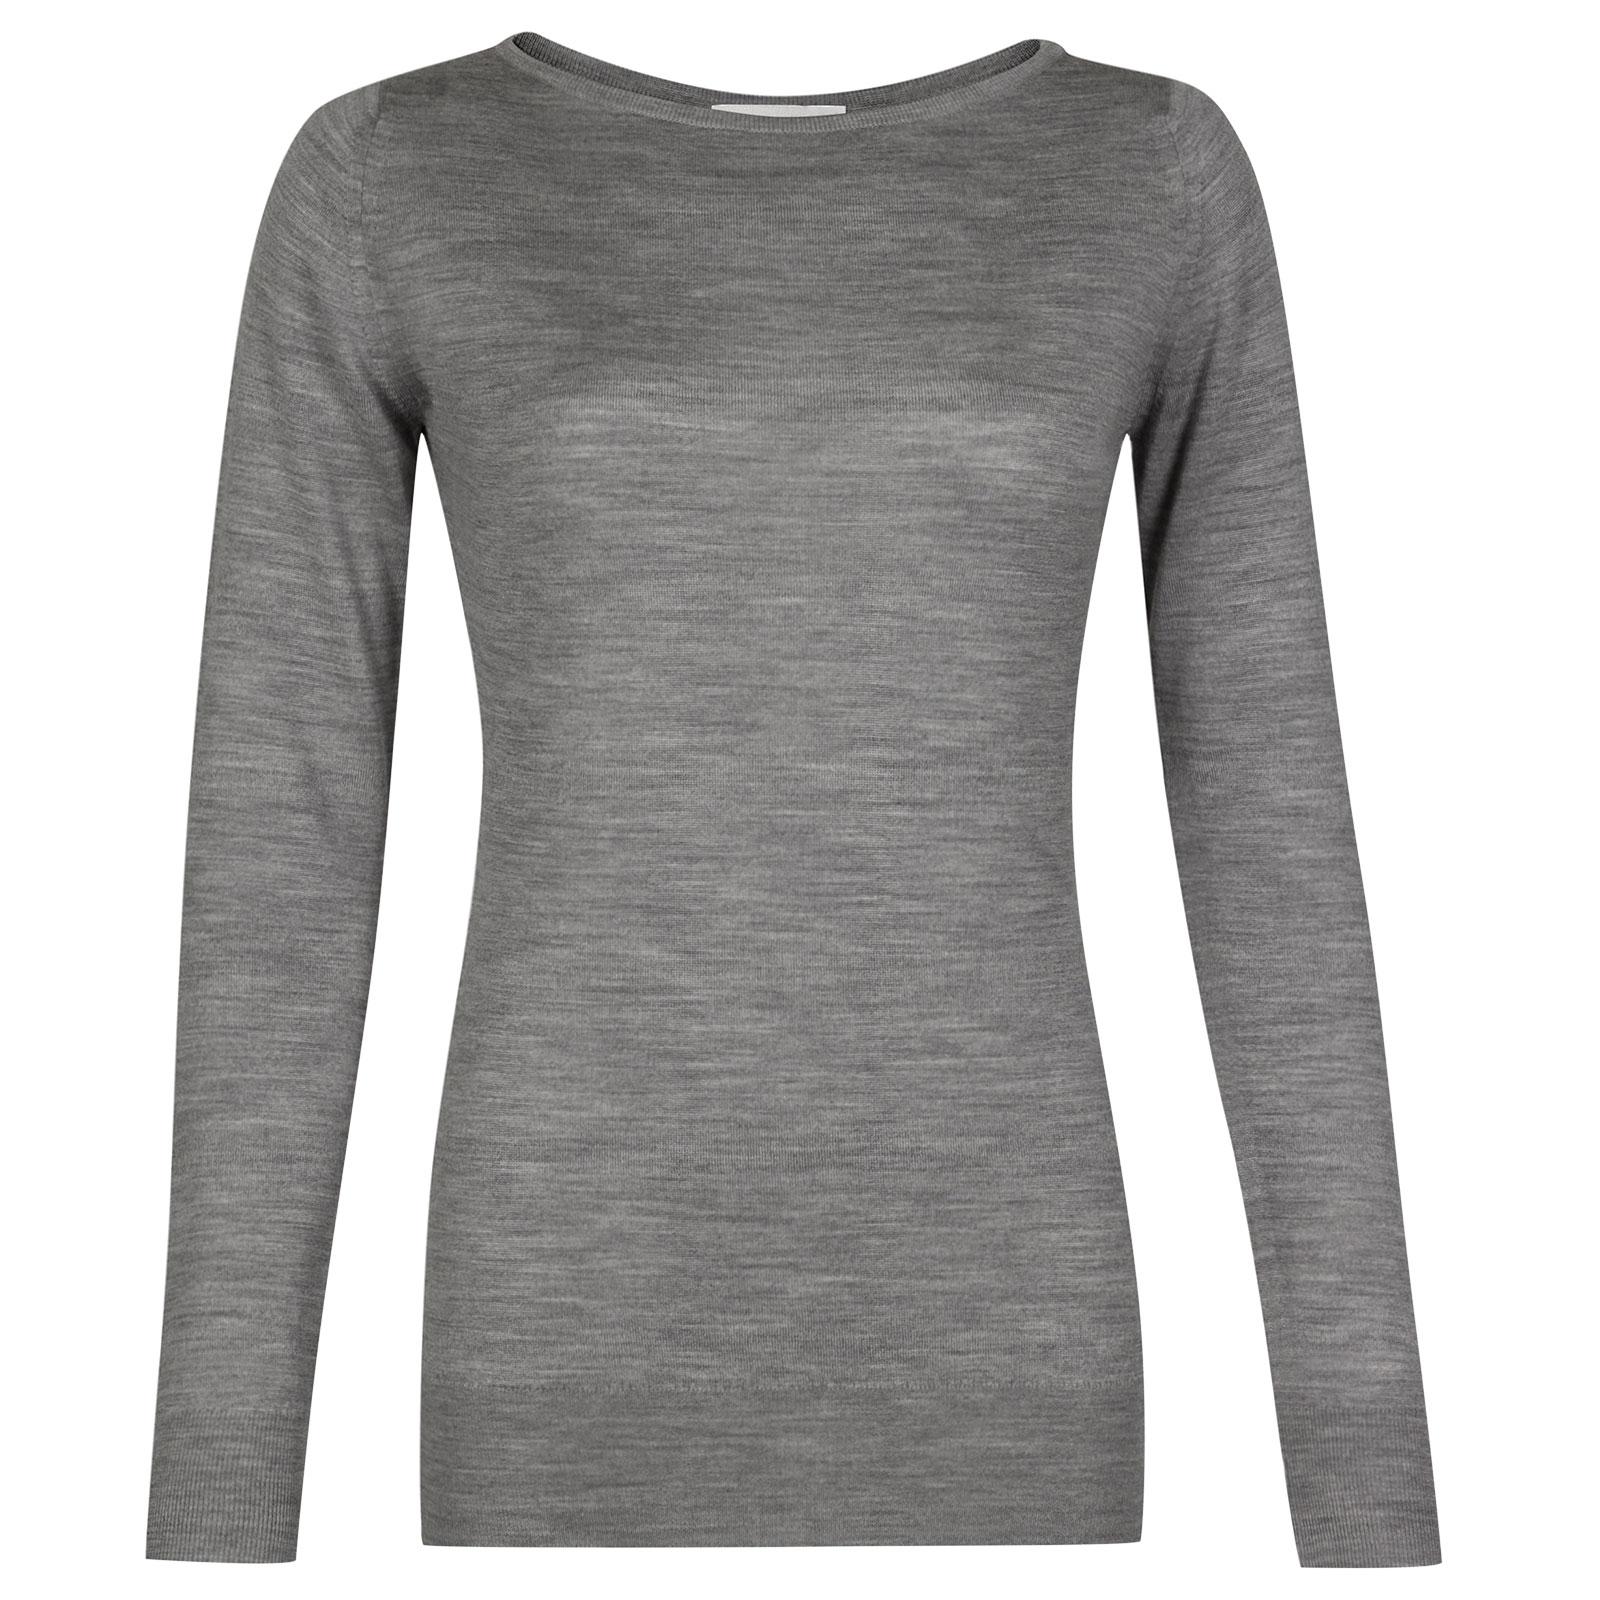 John Smedley susan Merino Wool Sweater in Silver-L